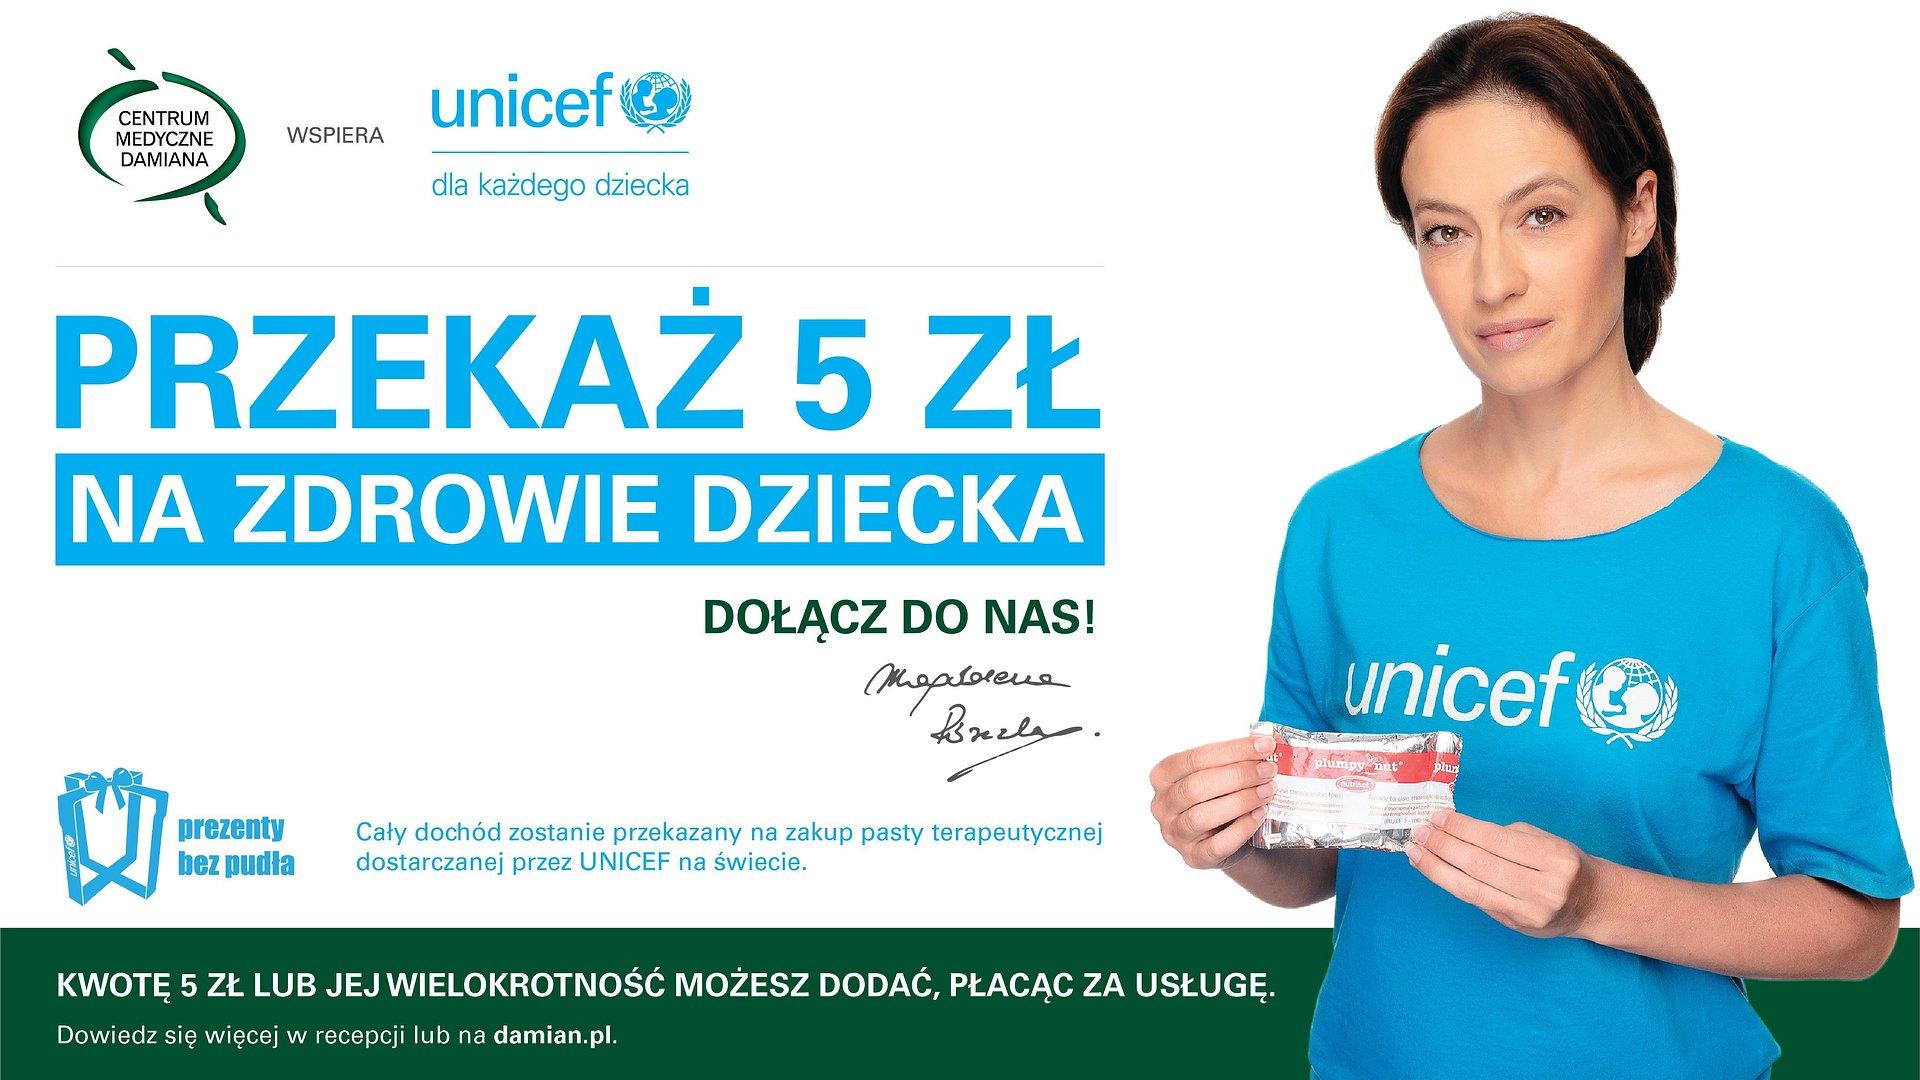 Centrum Medyczne Damiana i UNICEF Polska po raz kolejny łączą siły